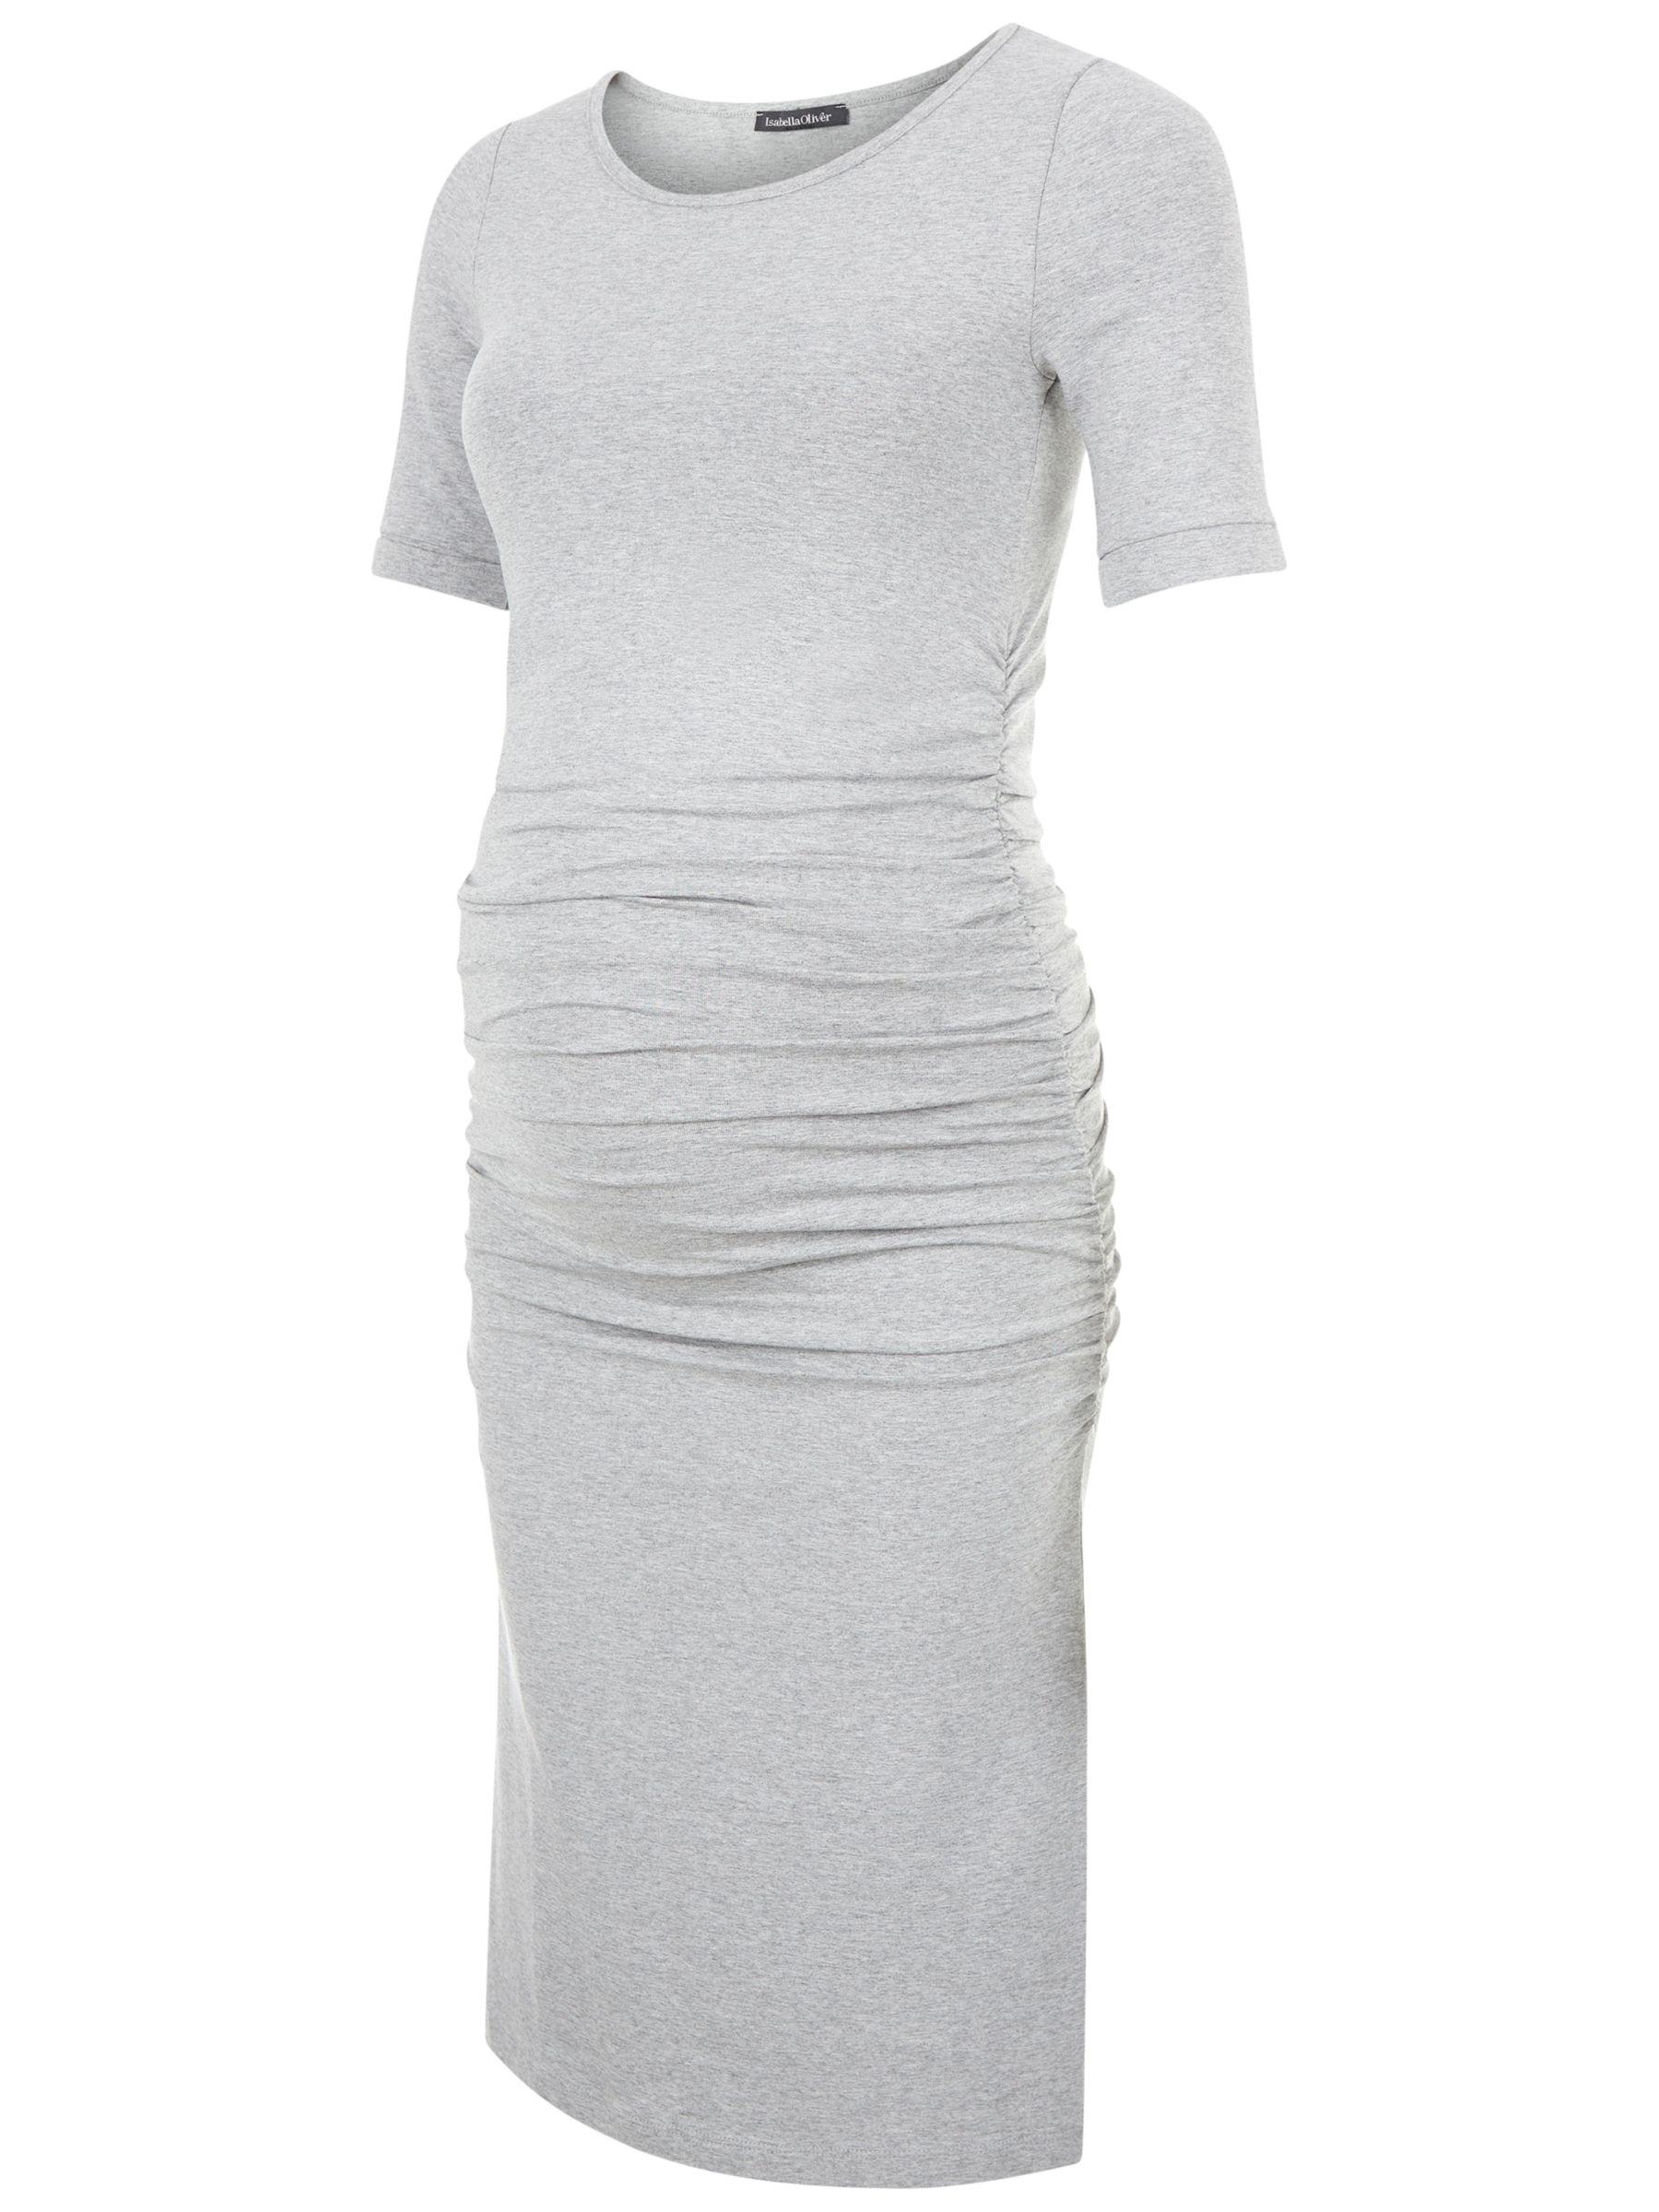 Isabella Oliver Isabella Oliver Ruched T-Shirt Dress, Grey